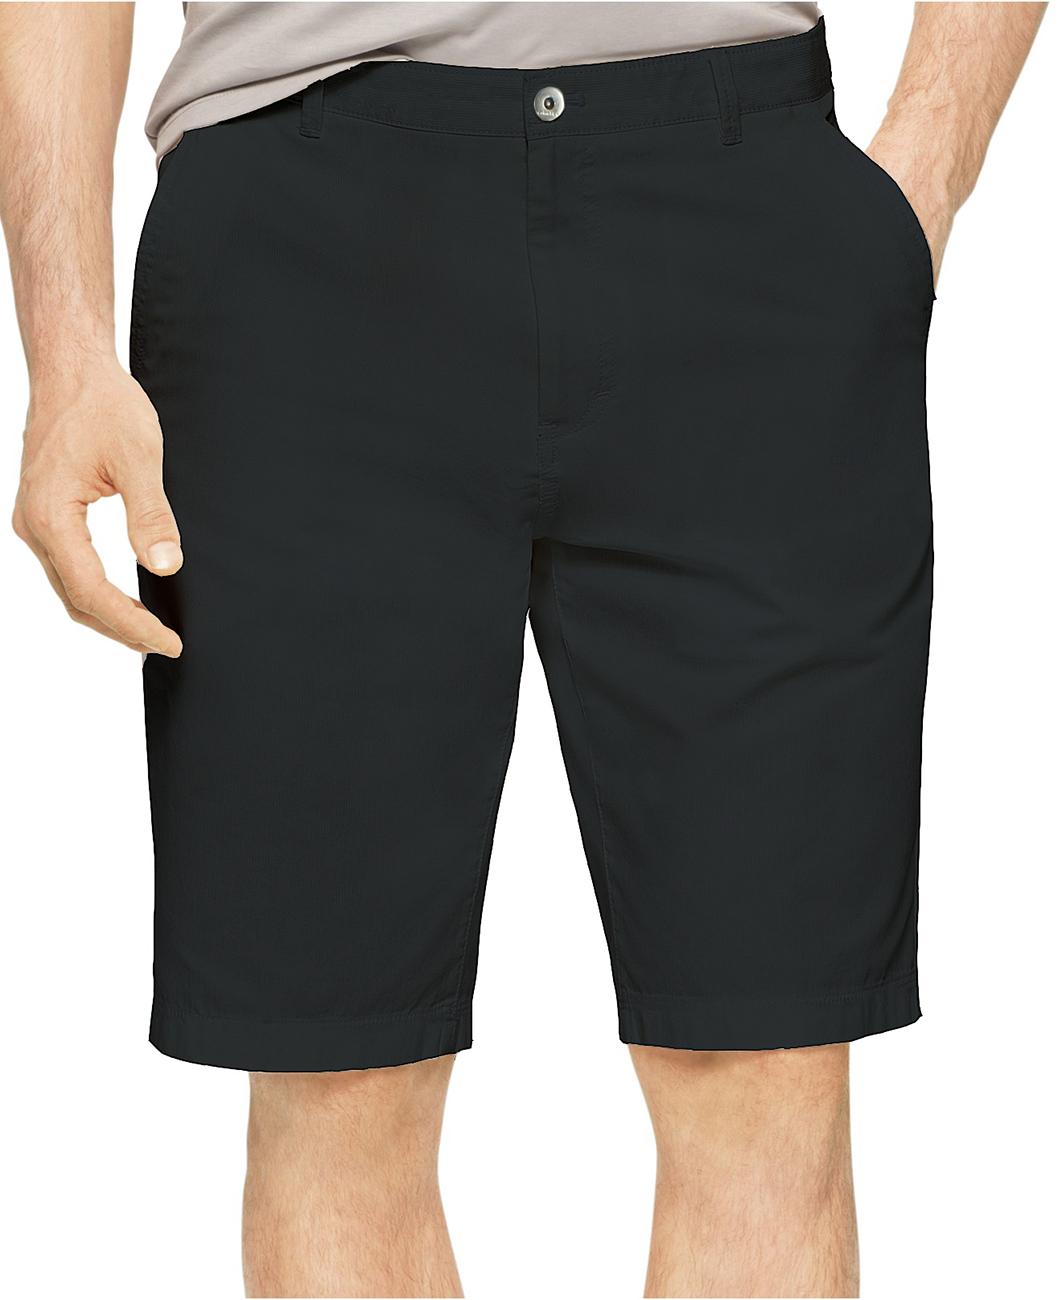 美國百分百【全新真品】Calvin Klein 短褲 CK 休閒褲 百慕達褲 五分褲 燈芯絨 9吋 黑色 男褲 38 40腰  F288